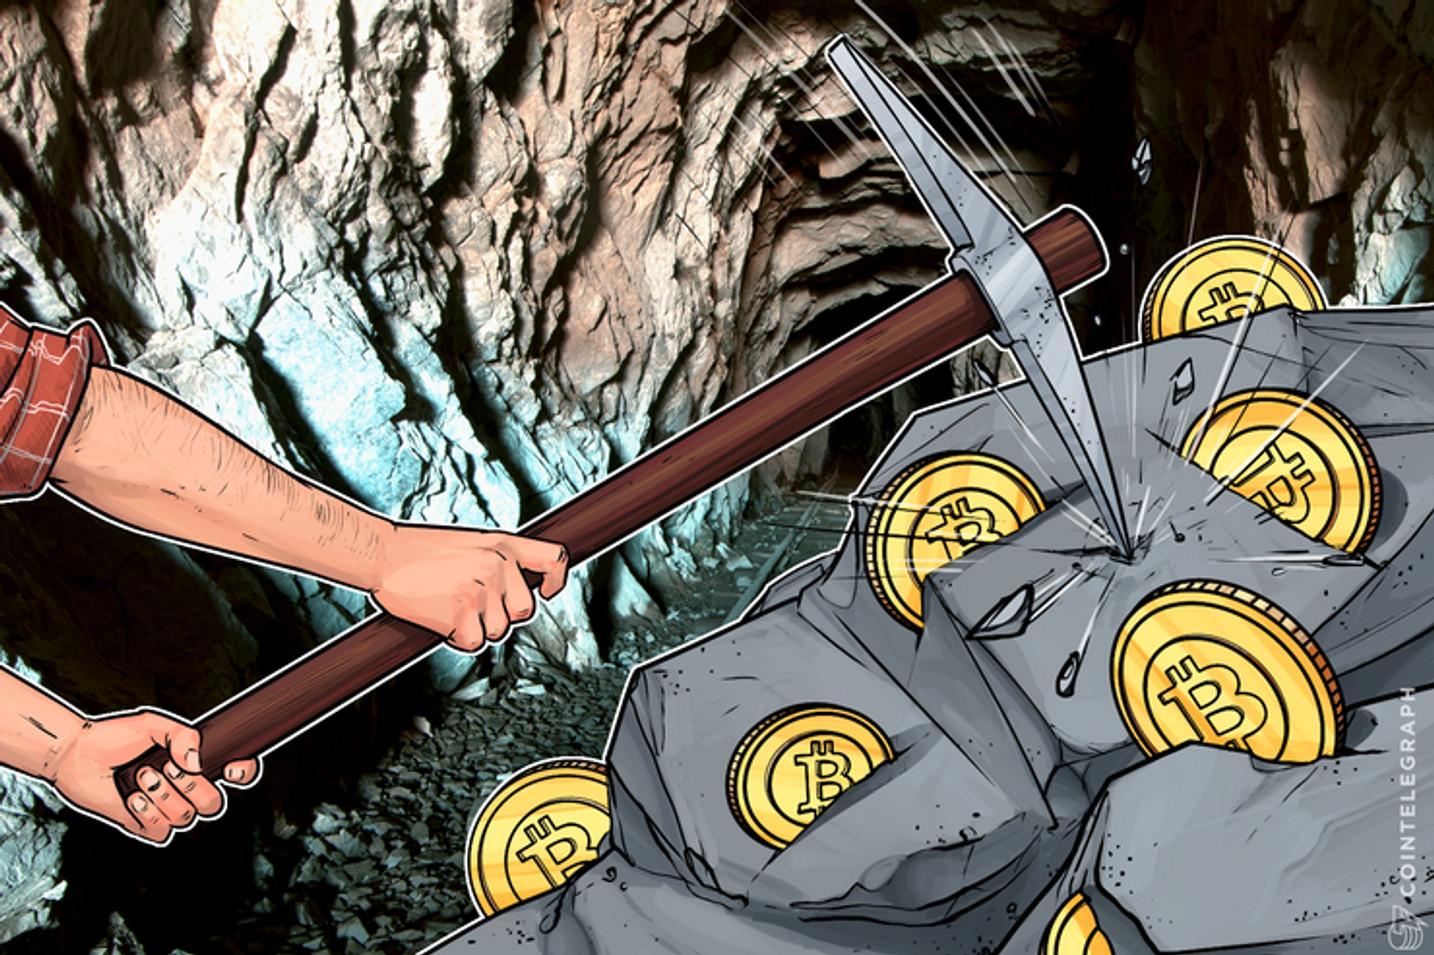 Exclusivo: Rocelo Lopes negocia venda de uma das maiores mineradoras da América Latina para grupo chinês